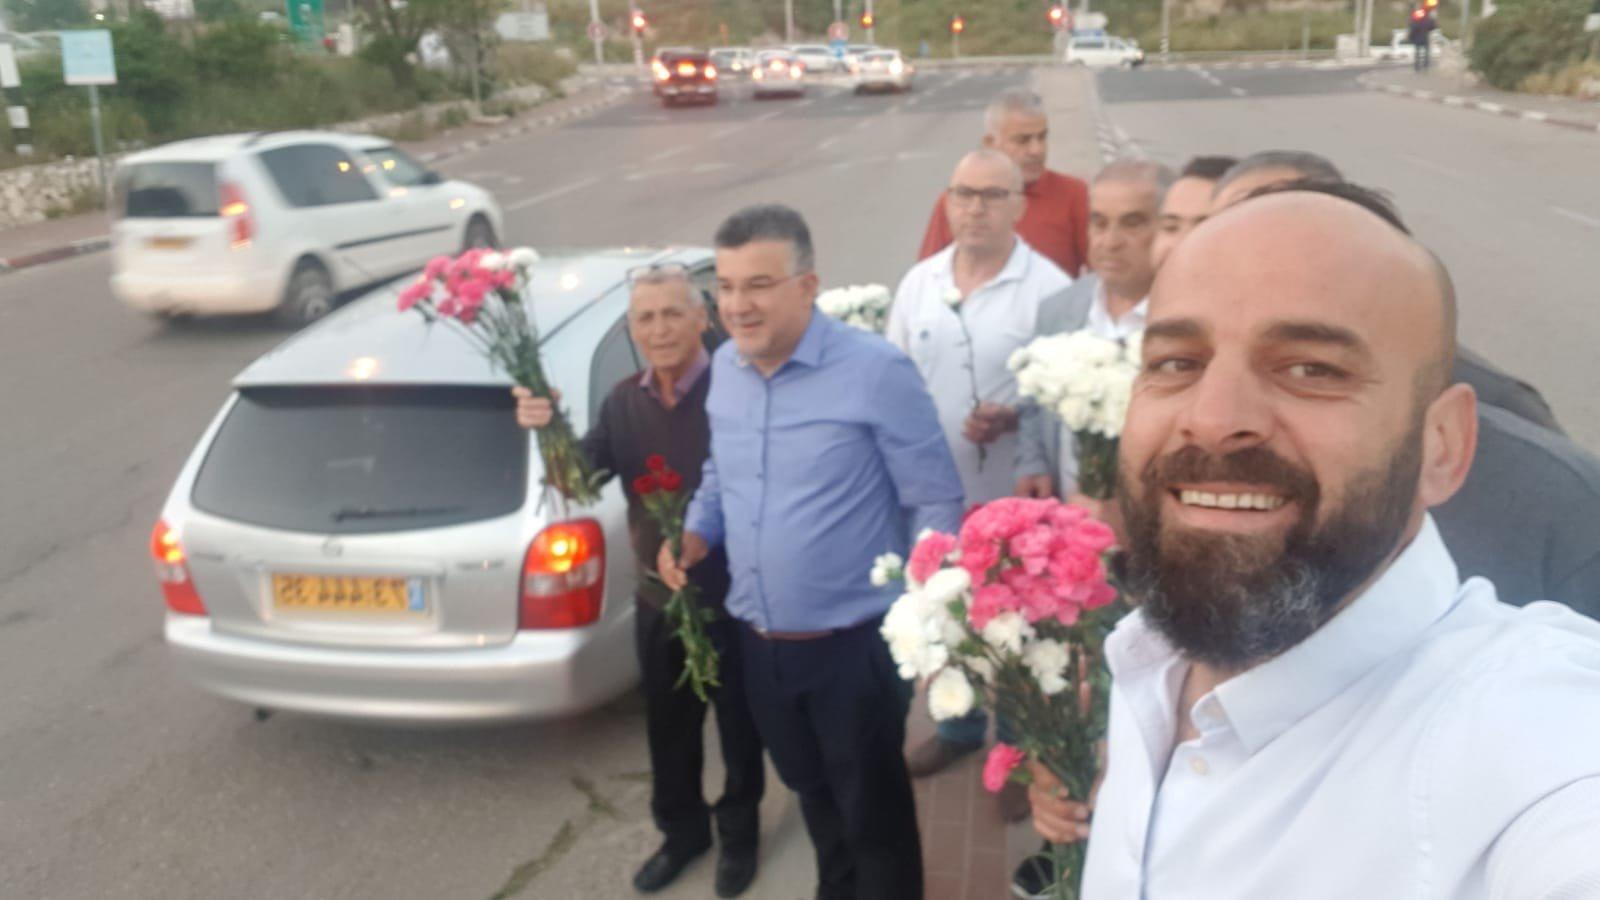 عيد العمّال: جبهة ام الفحم توزّع الورود بمشاركة النائب جبارين